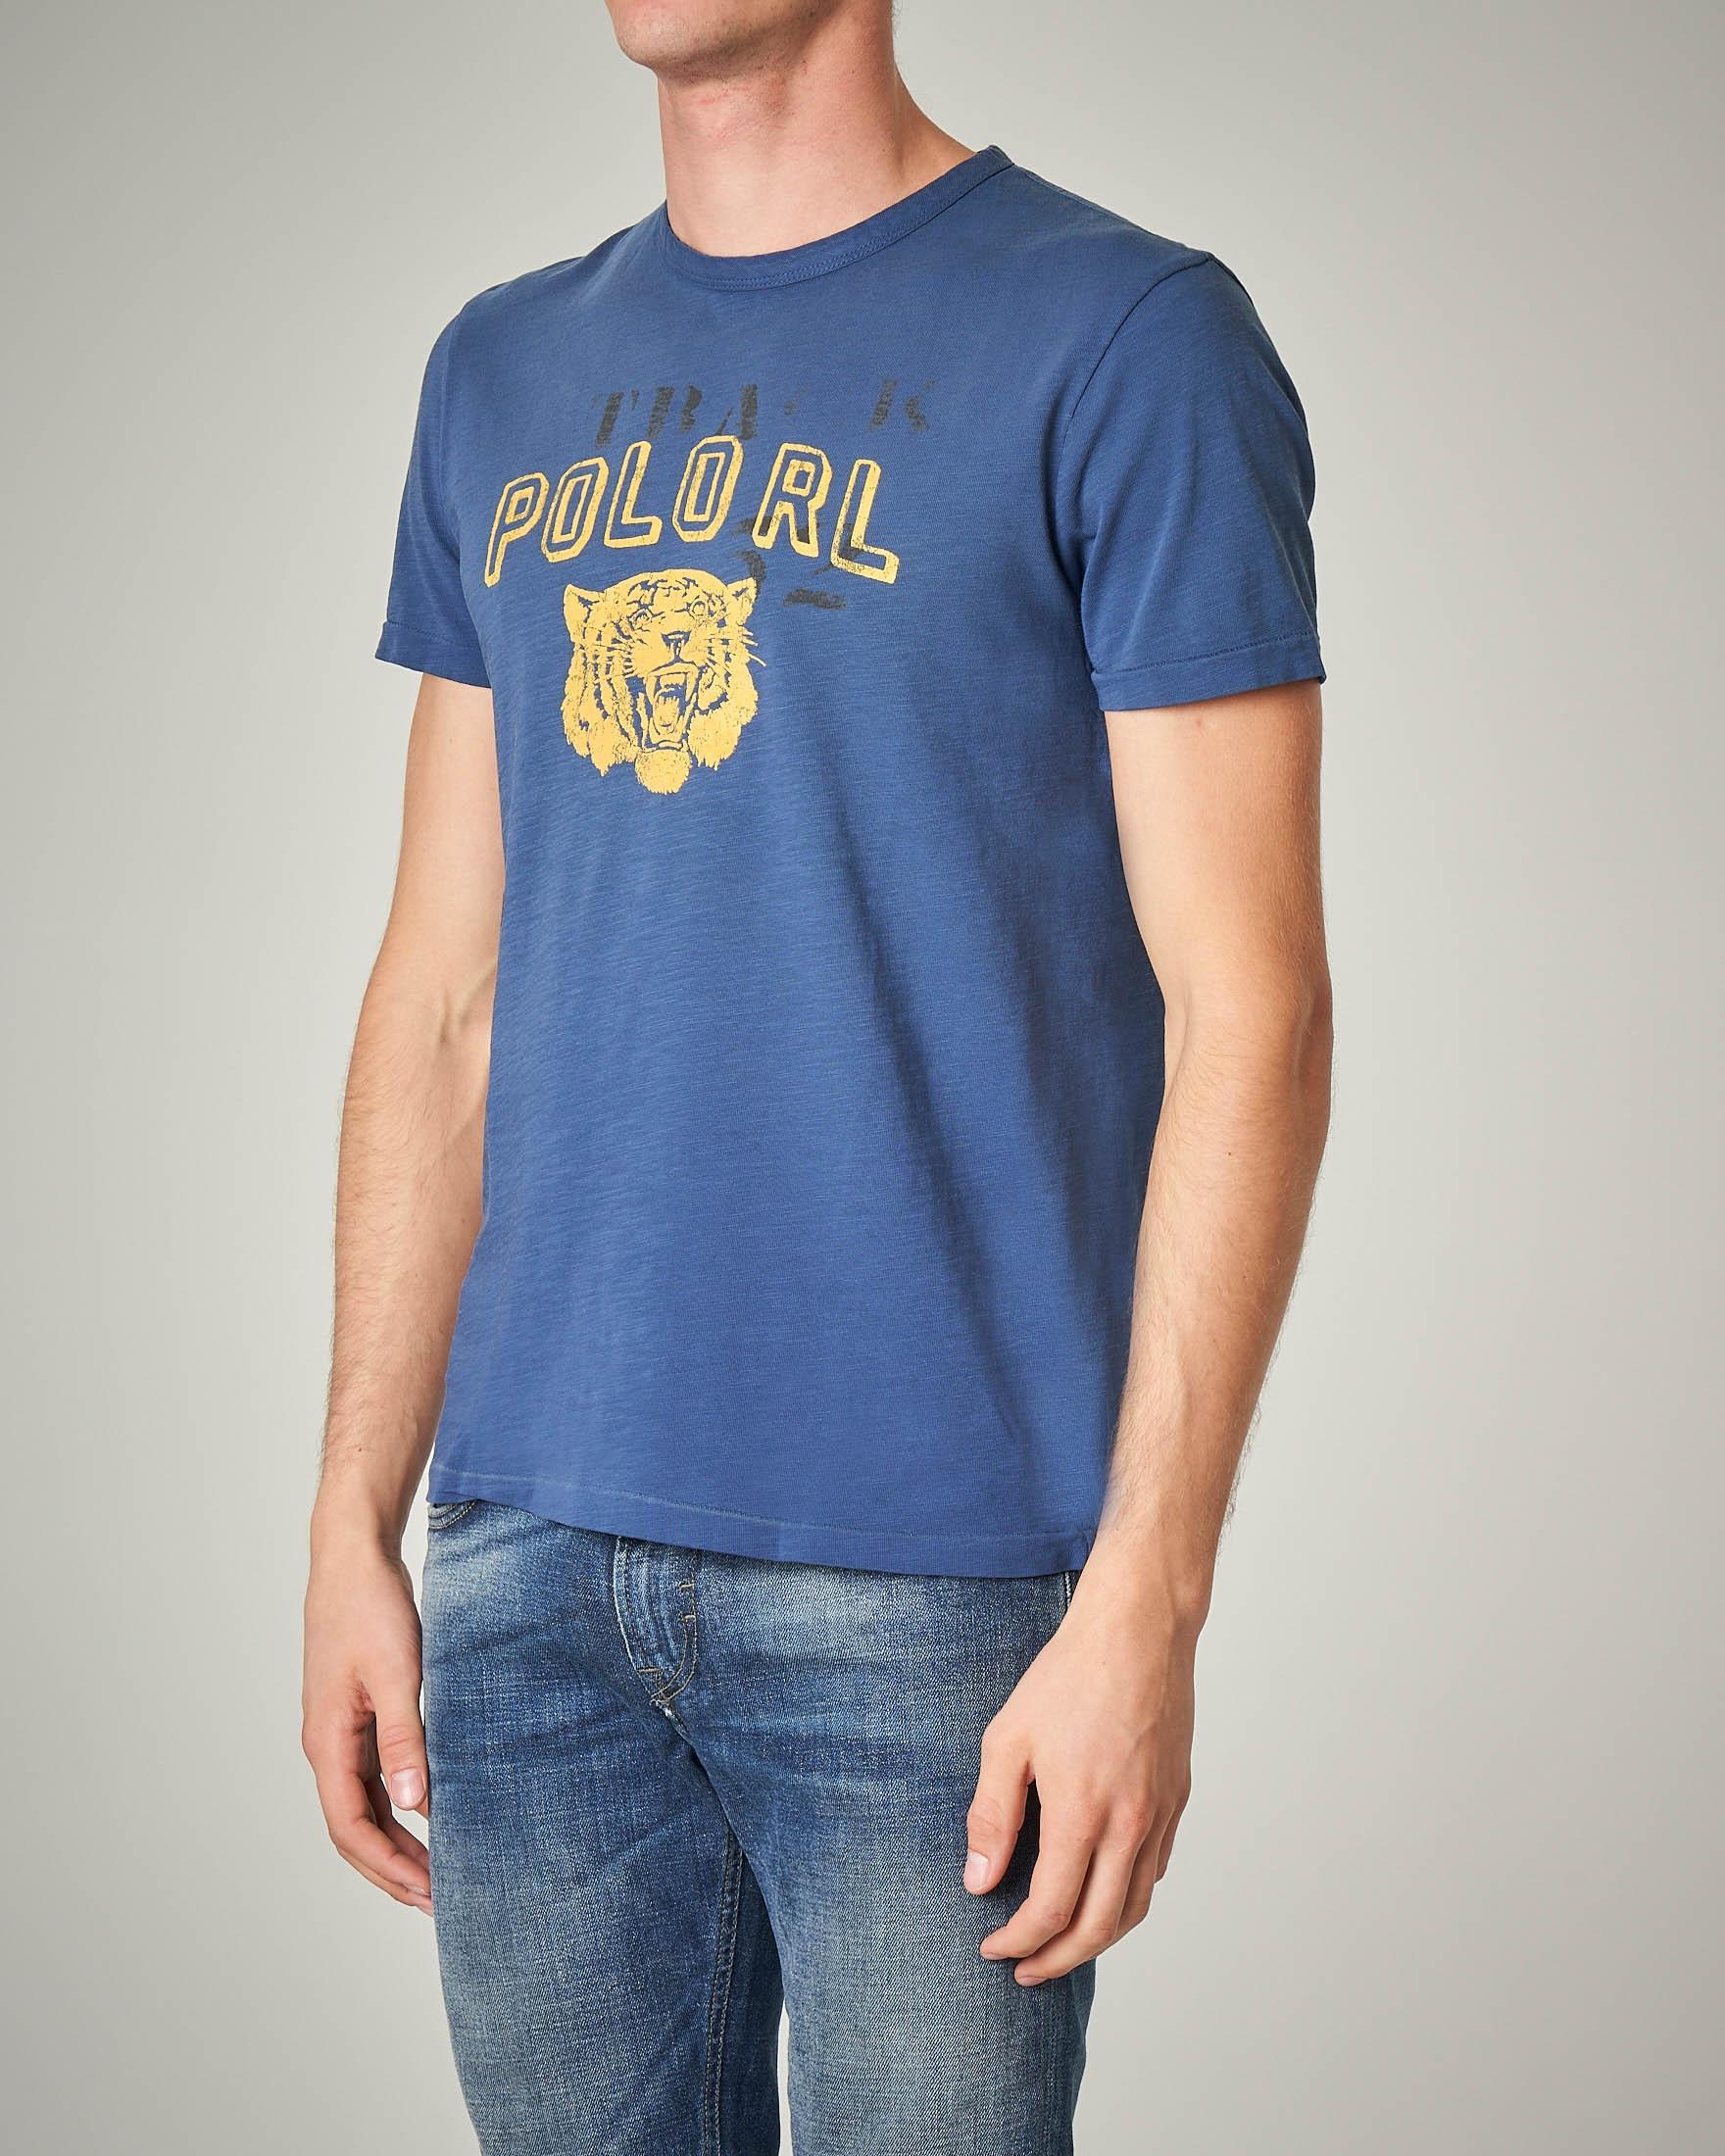 T-shirt blu in cotone con stampa logo e tigre